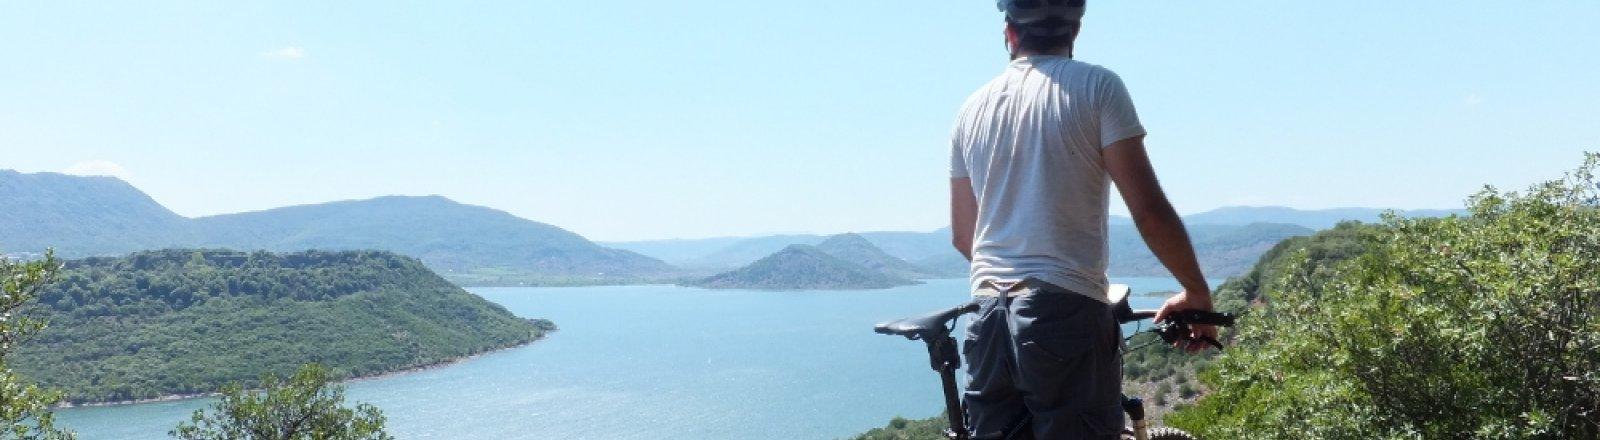 Escapéo, Randonnée, VTT et activités  handicap en Languedoc Cœur d'Hérault – vue sur le lac du Salagou © JULIEN GURRERA